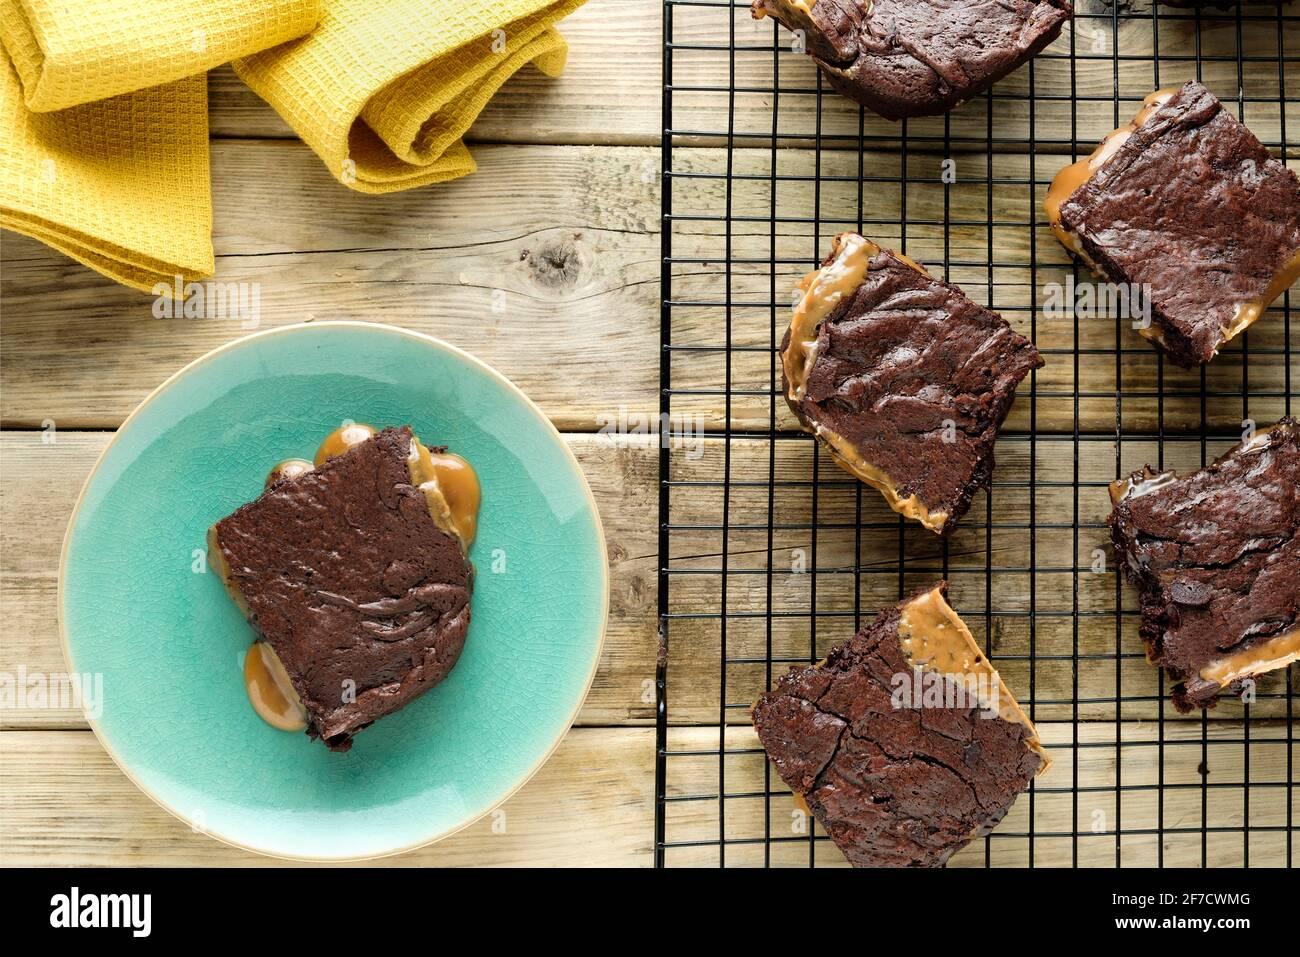 Eine frisch gekochte Charge gesalzener Karamell-Brownies, die auf einem Drahtgestell abkühlen. Ein Brownie ist überzogen und sickelt geschmolzenes Karamell auf den Teller Stockfoto